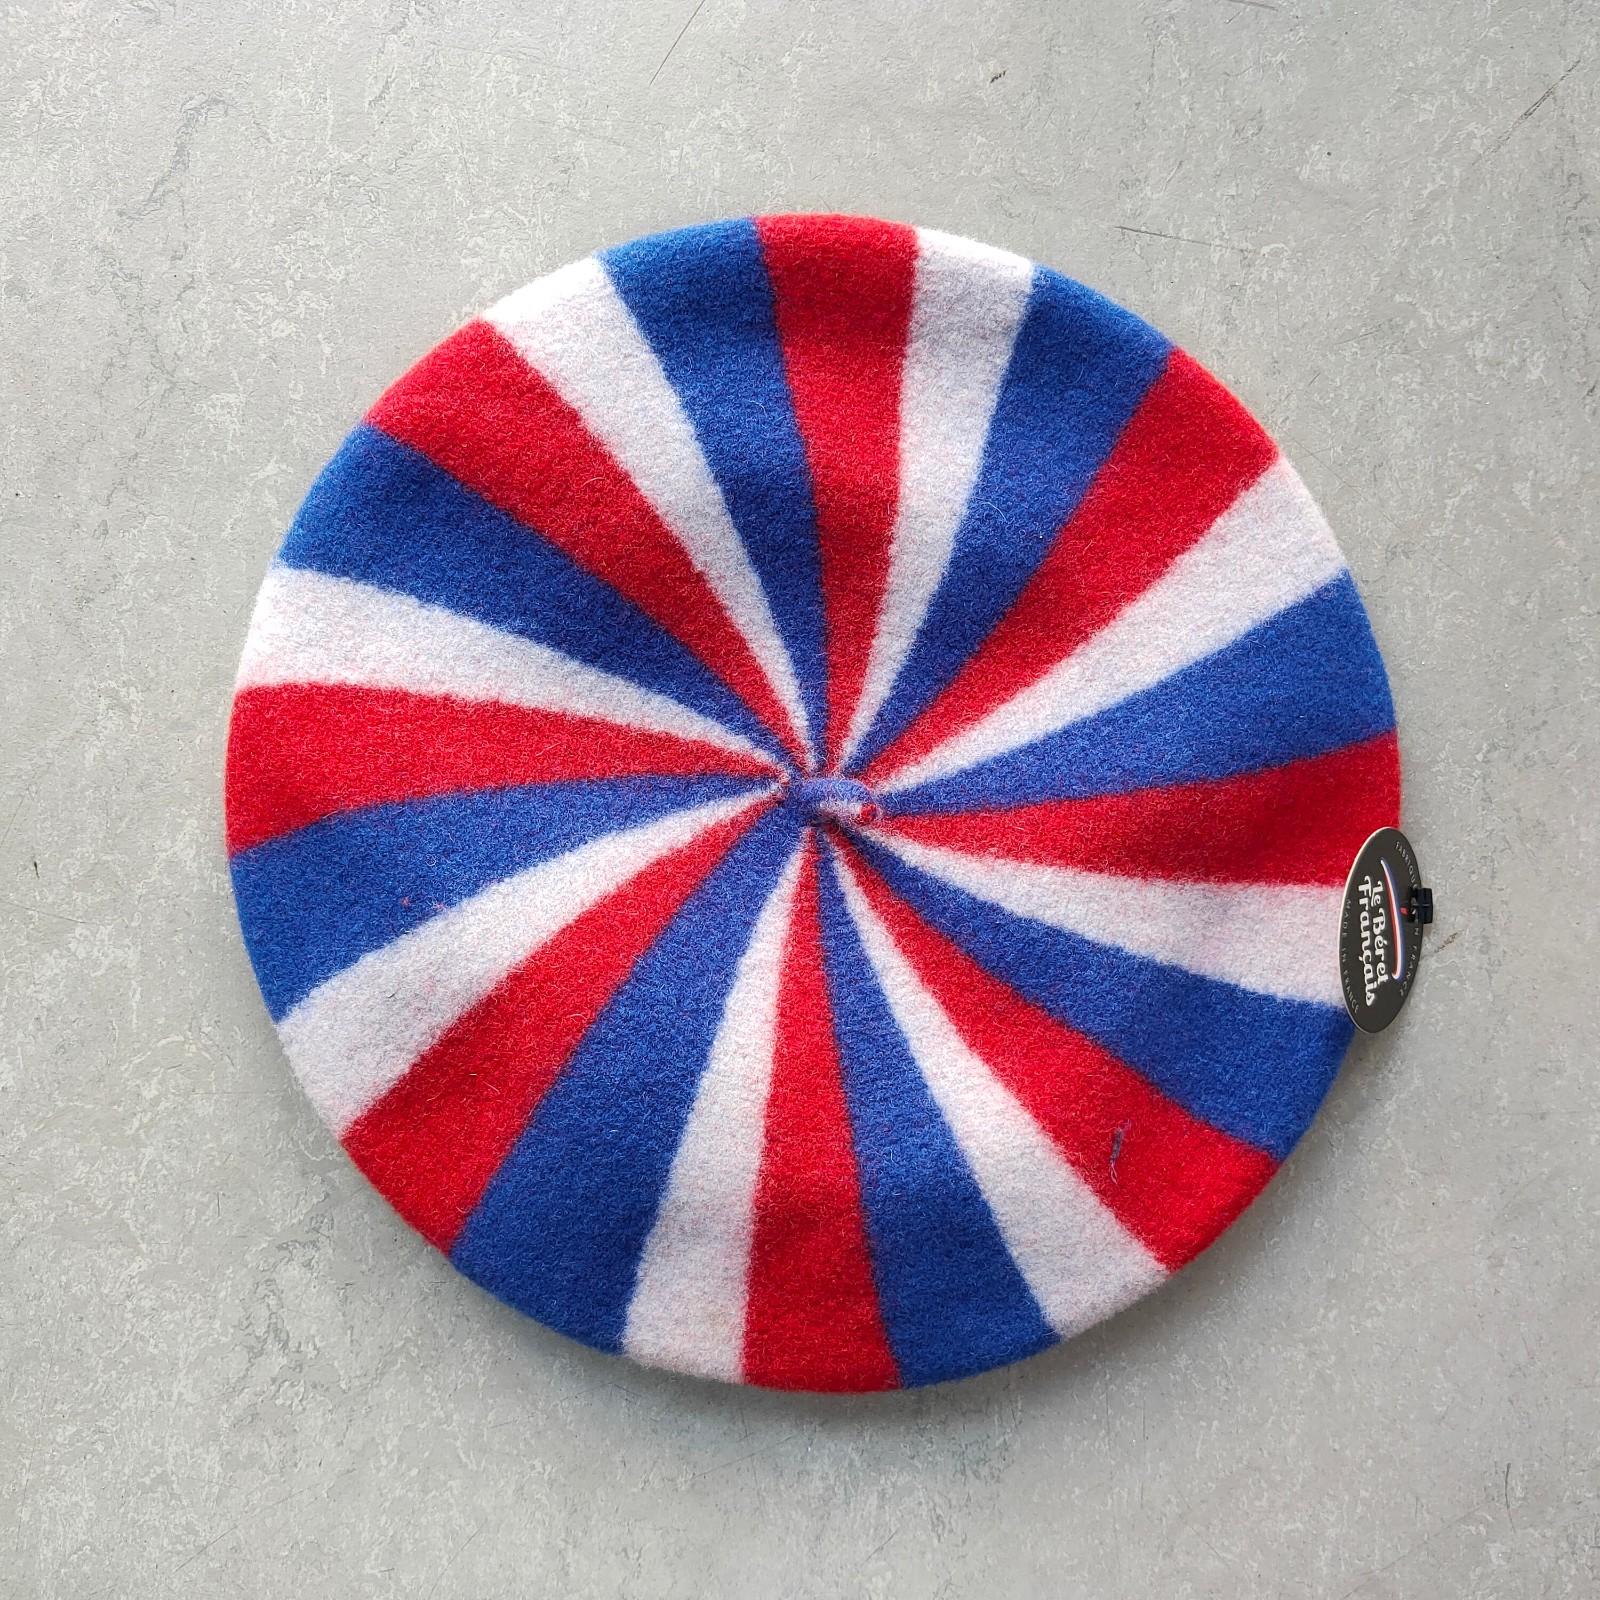 Le beret Francais- striped